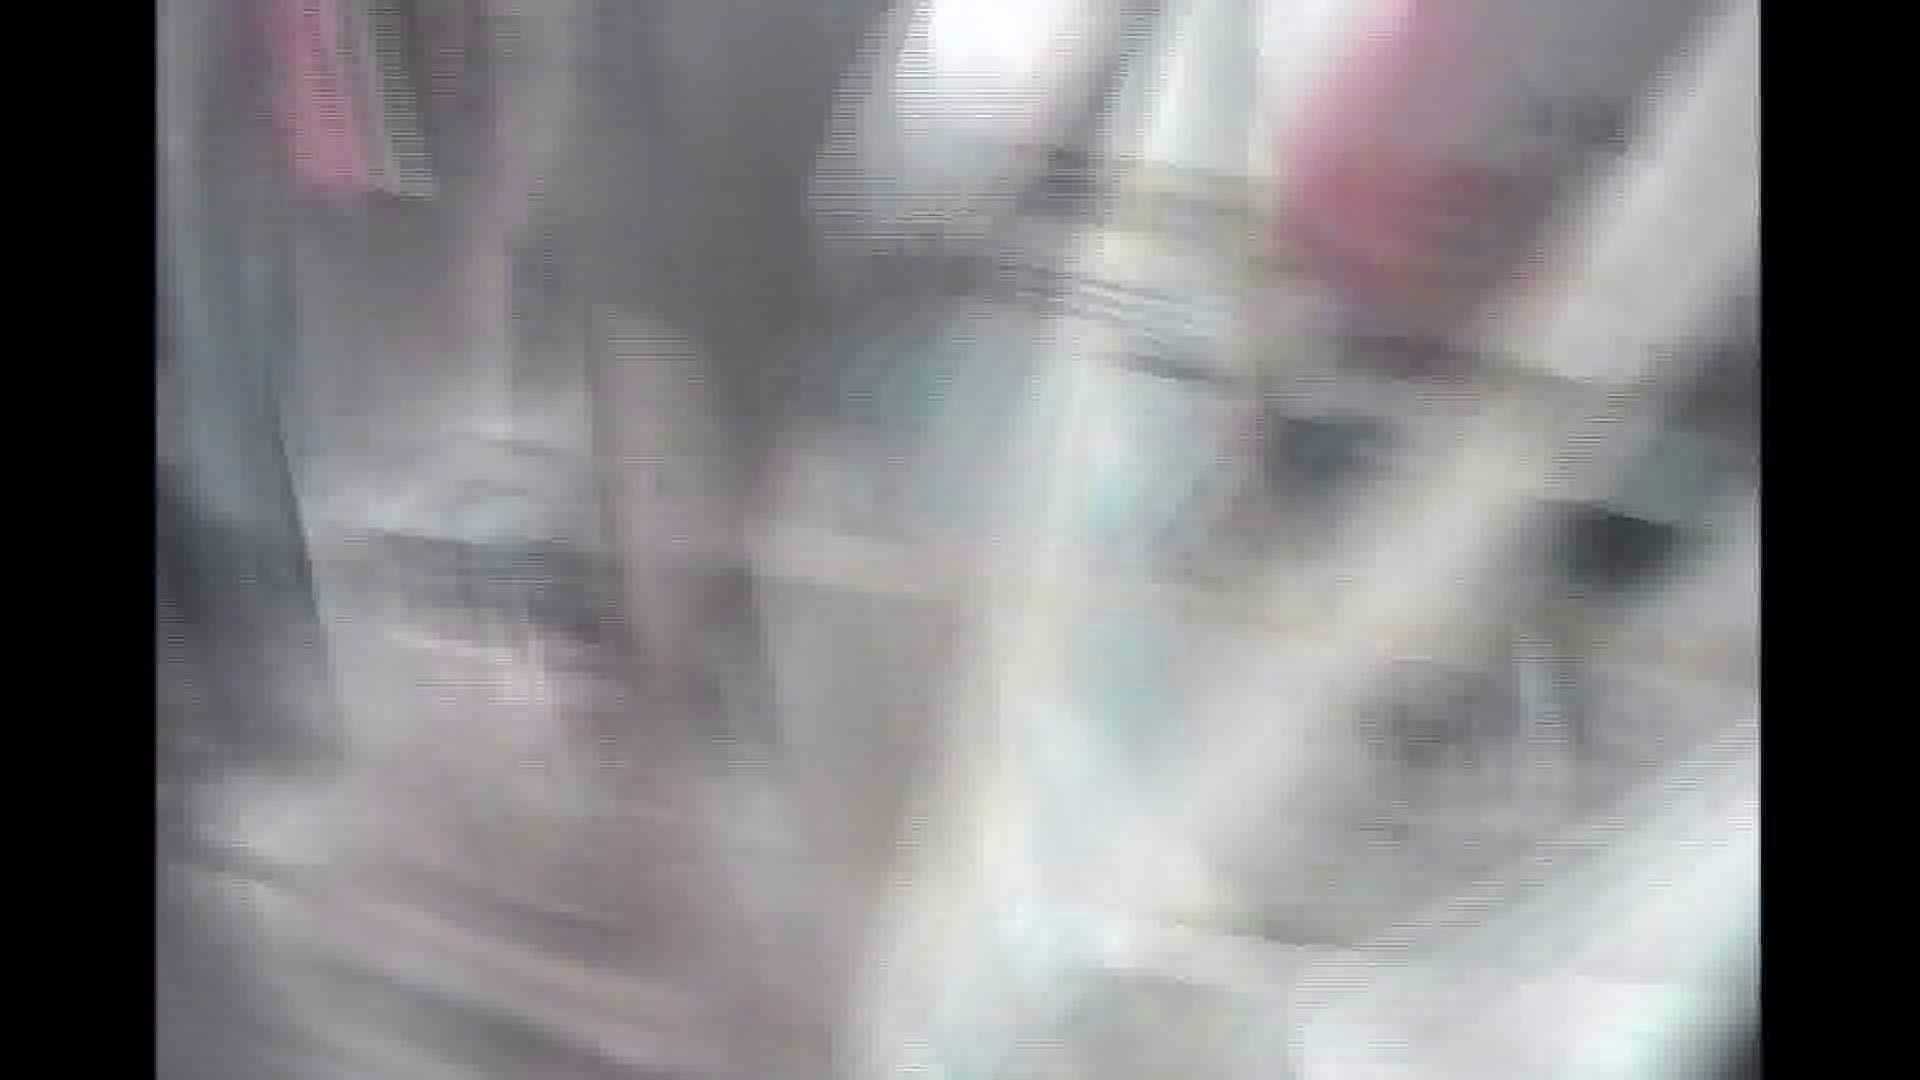 働く美女の谷間参拝 Vol.02 乳首 オマンコ無修正動画無料 98pic 43